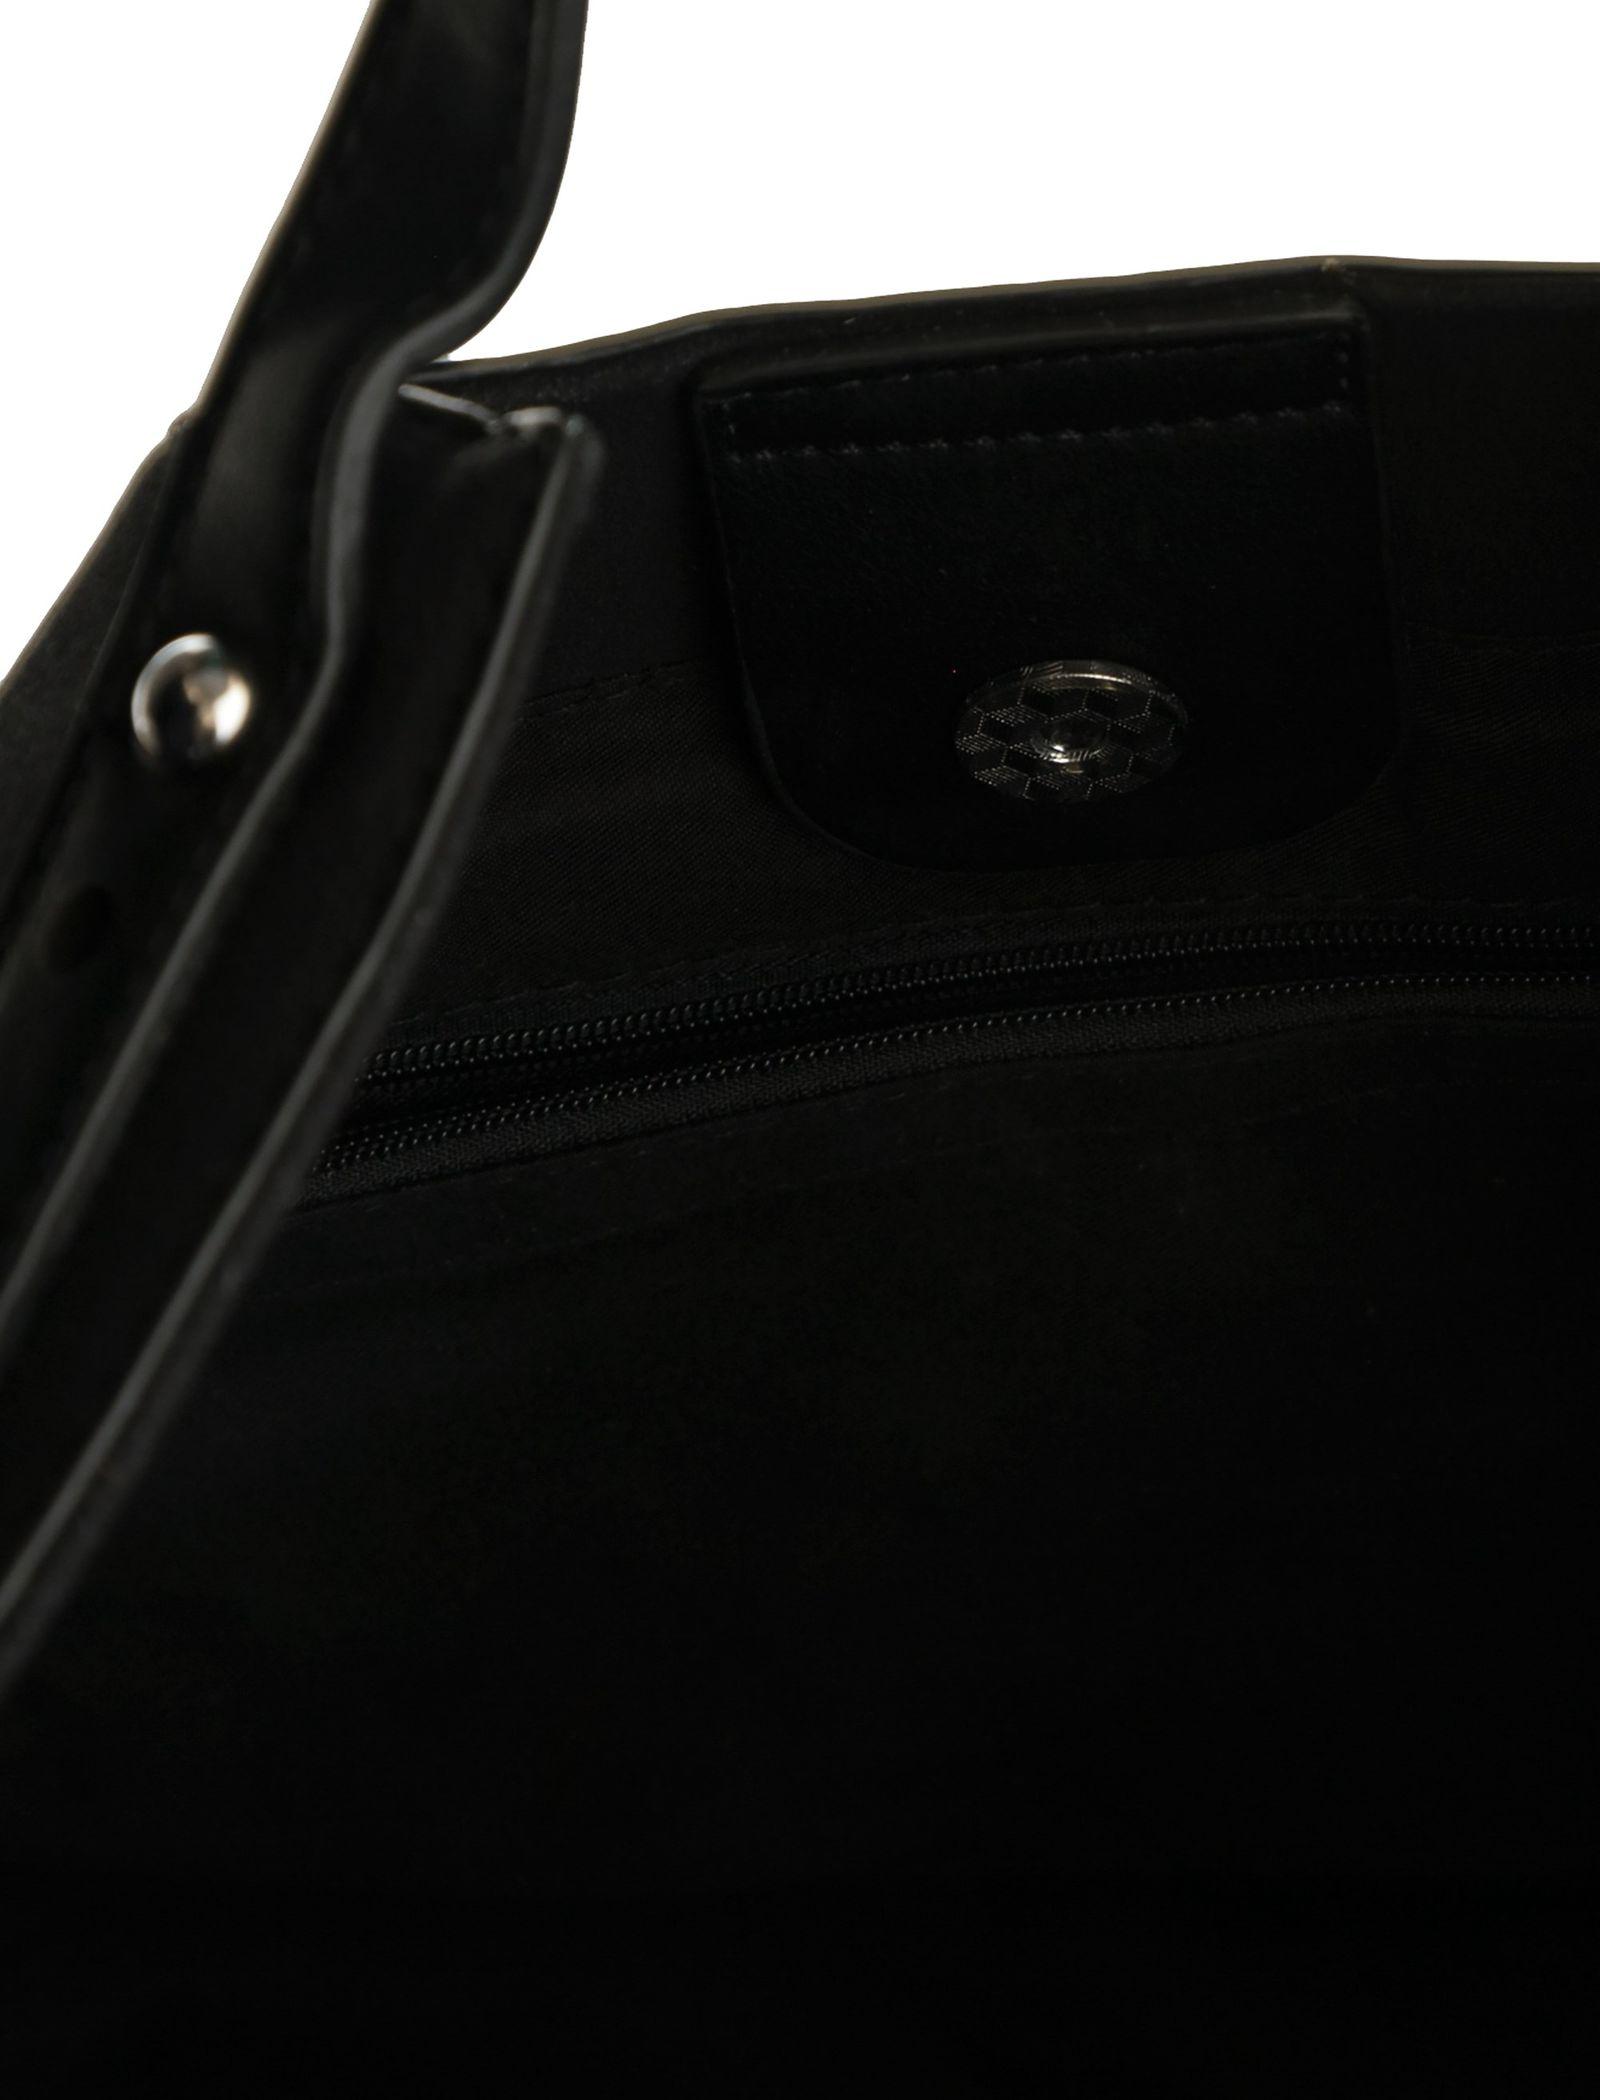 کیف دستی روزمره زنانه - شانتال تک سایز - مشکي  - 8